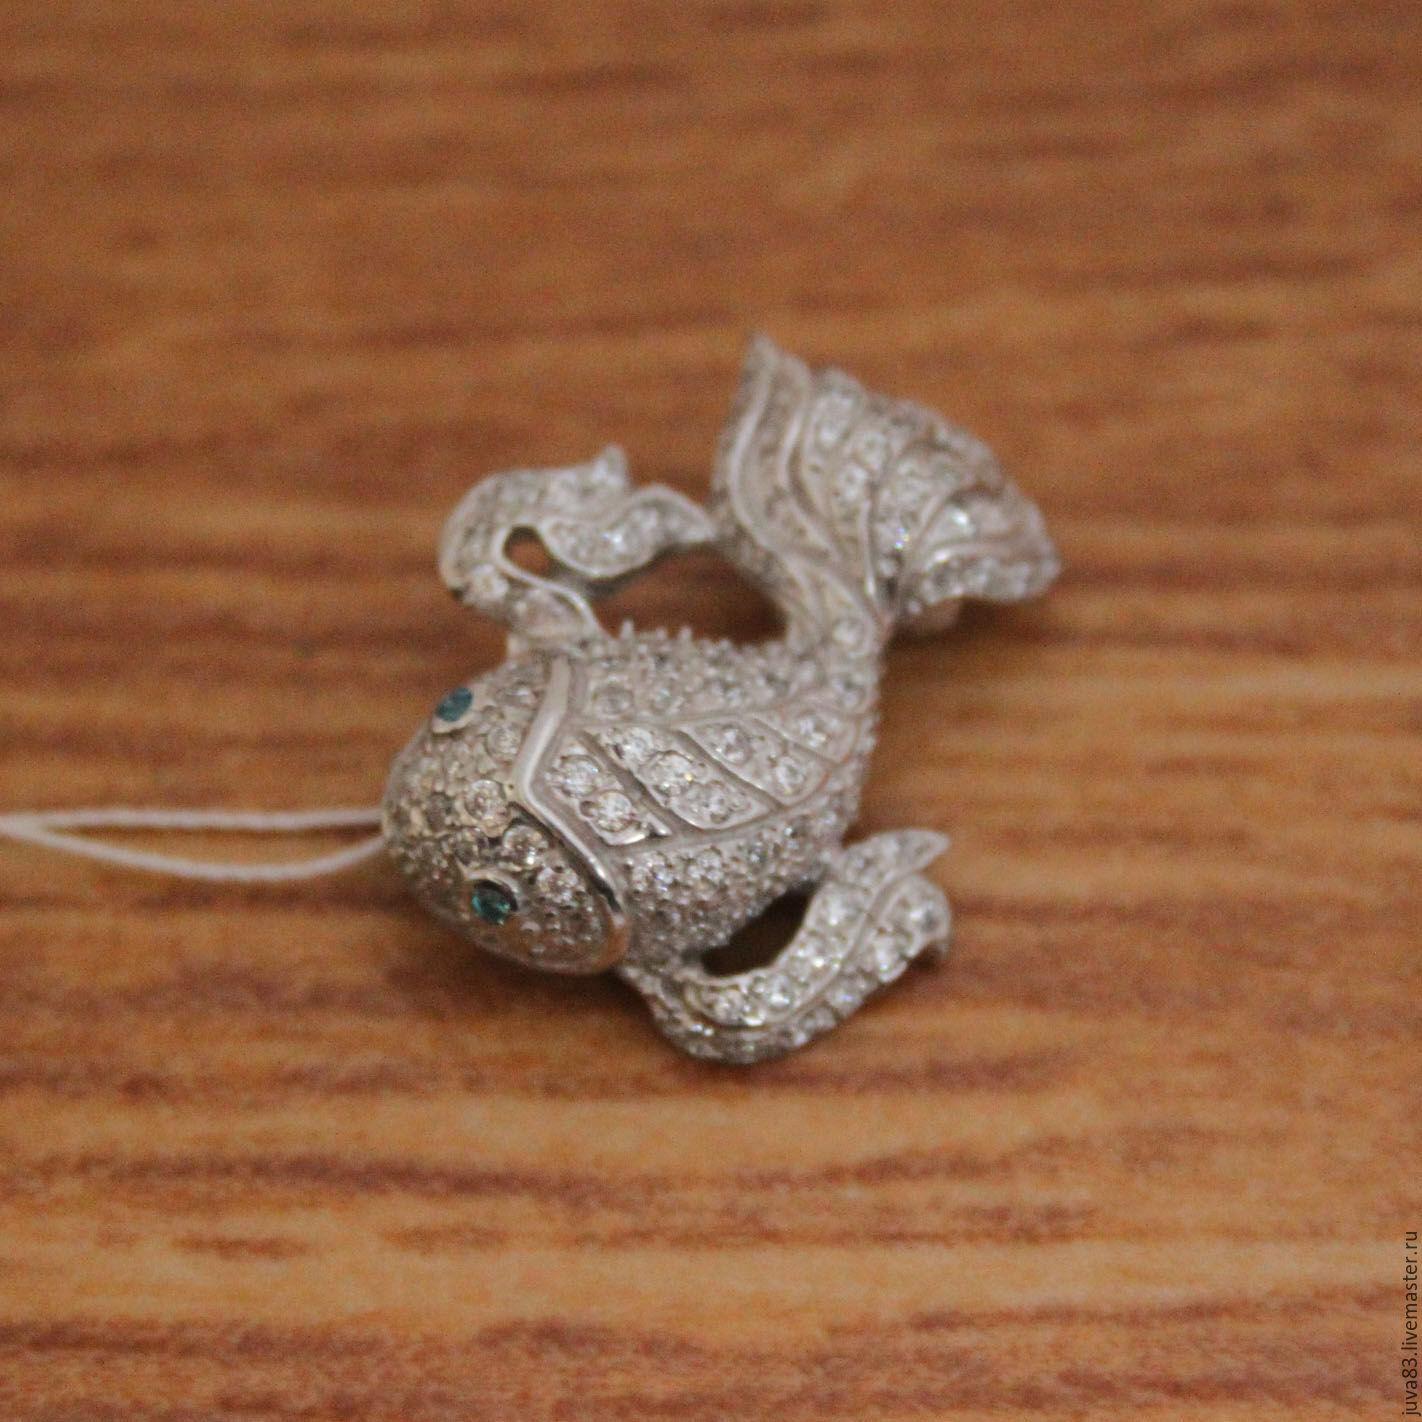 Серебряная брошь Рыбка, серебро 925 – купить на Ярмарке Мастеров – 8BZF1RU | Брошь-булавка, Севастополь